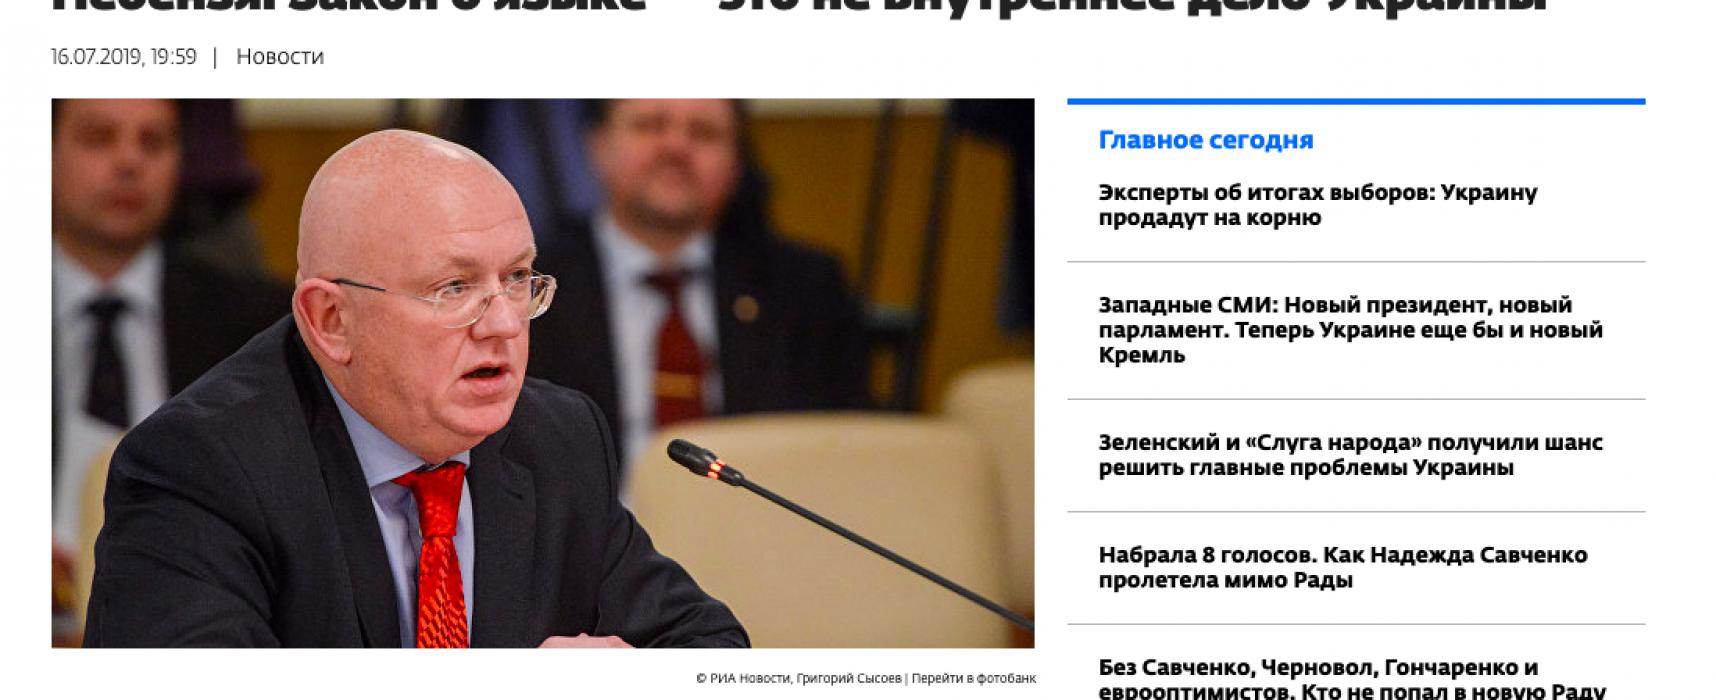 Фейк: Украину «высекли» в Совбезе ООН за «карательную украинизацию»